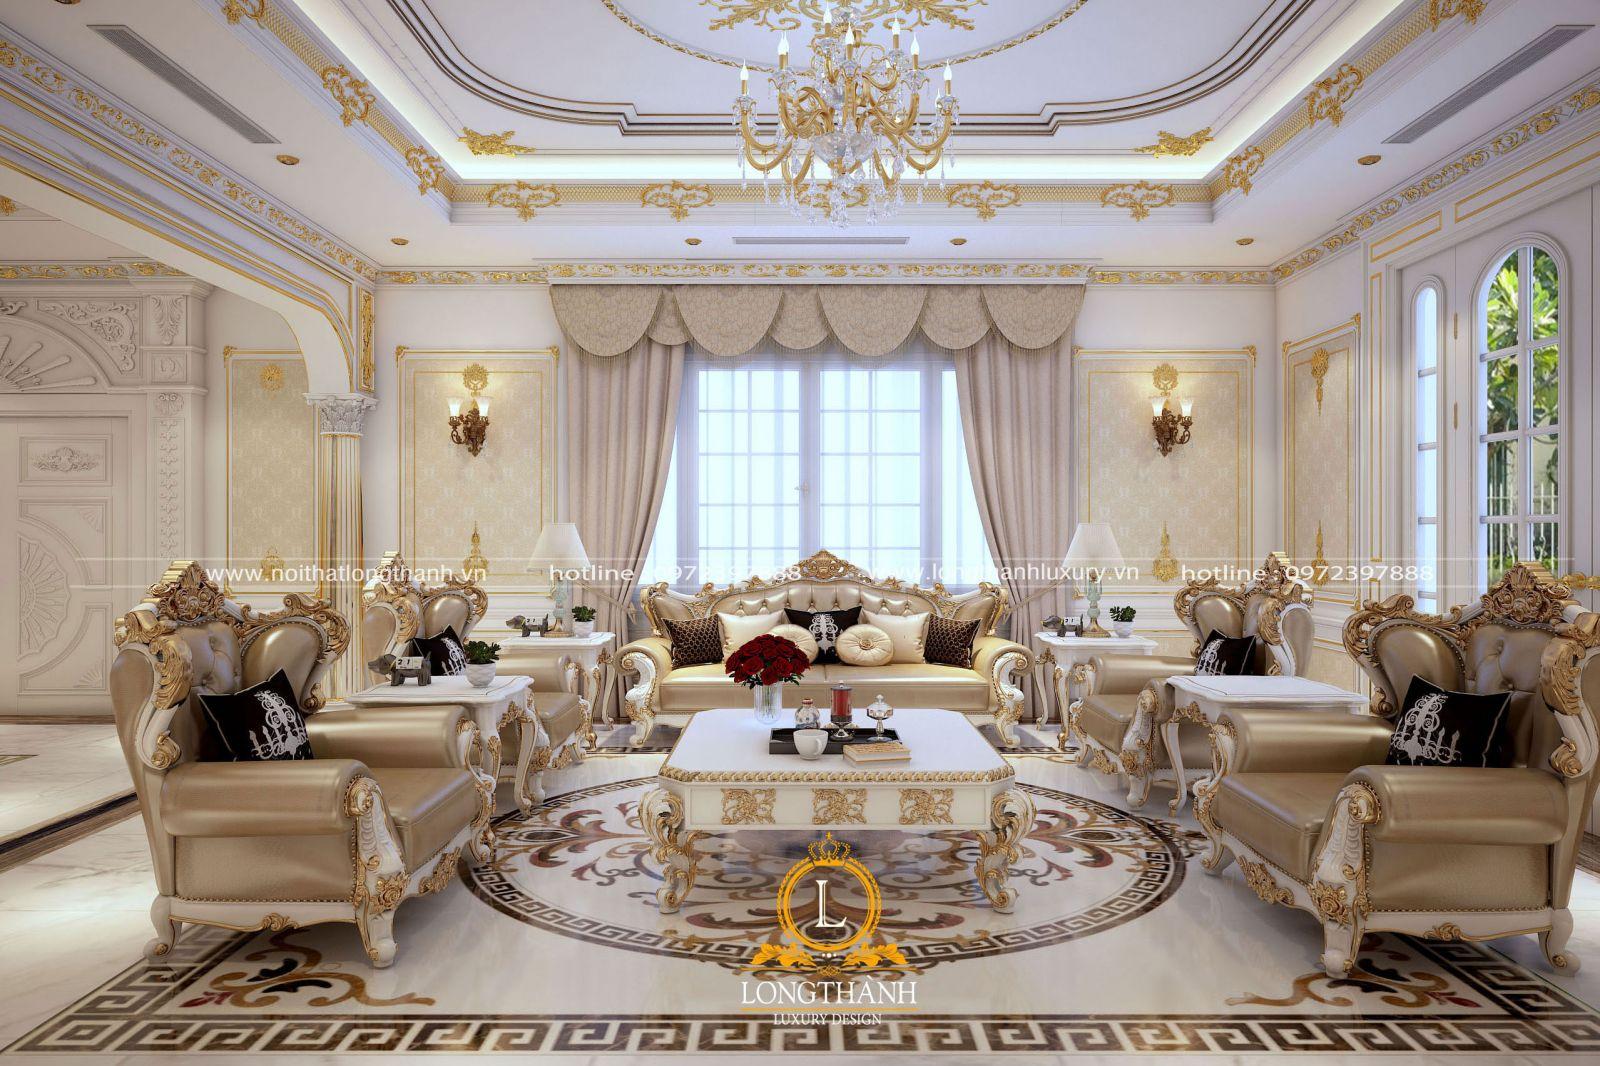 Phòng khách tân cổ điển sơn trắng nổi bật với các họa tiết dát vàng